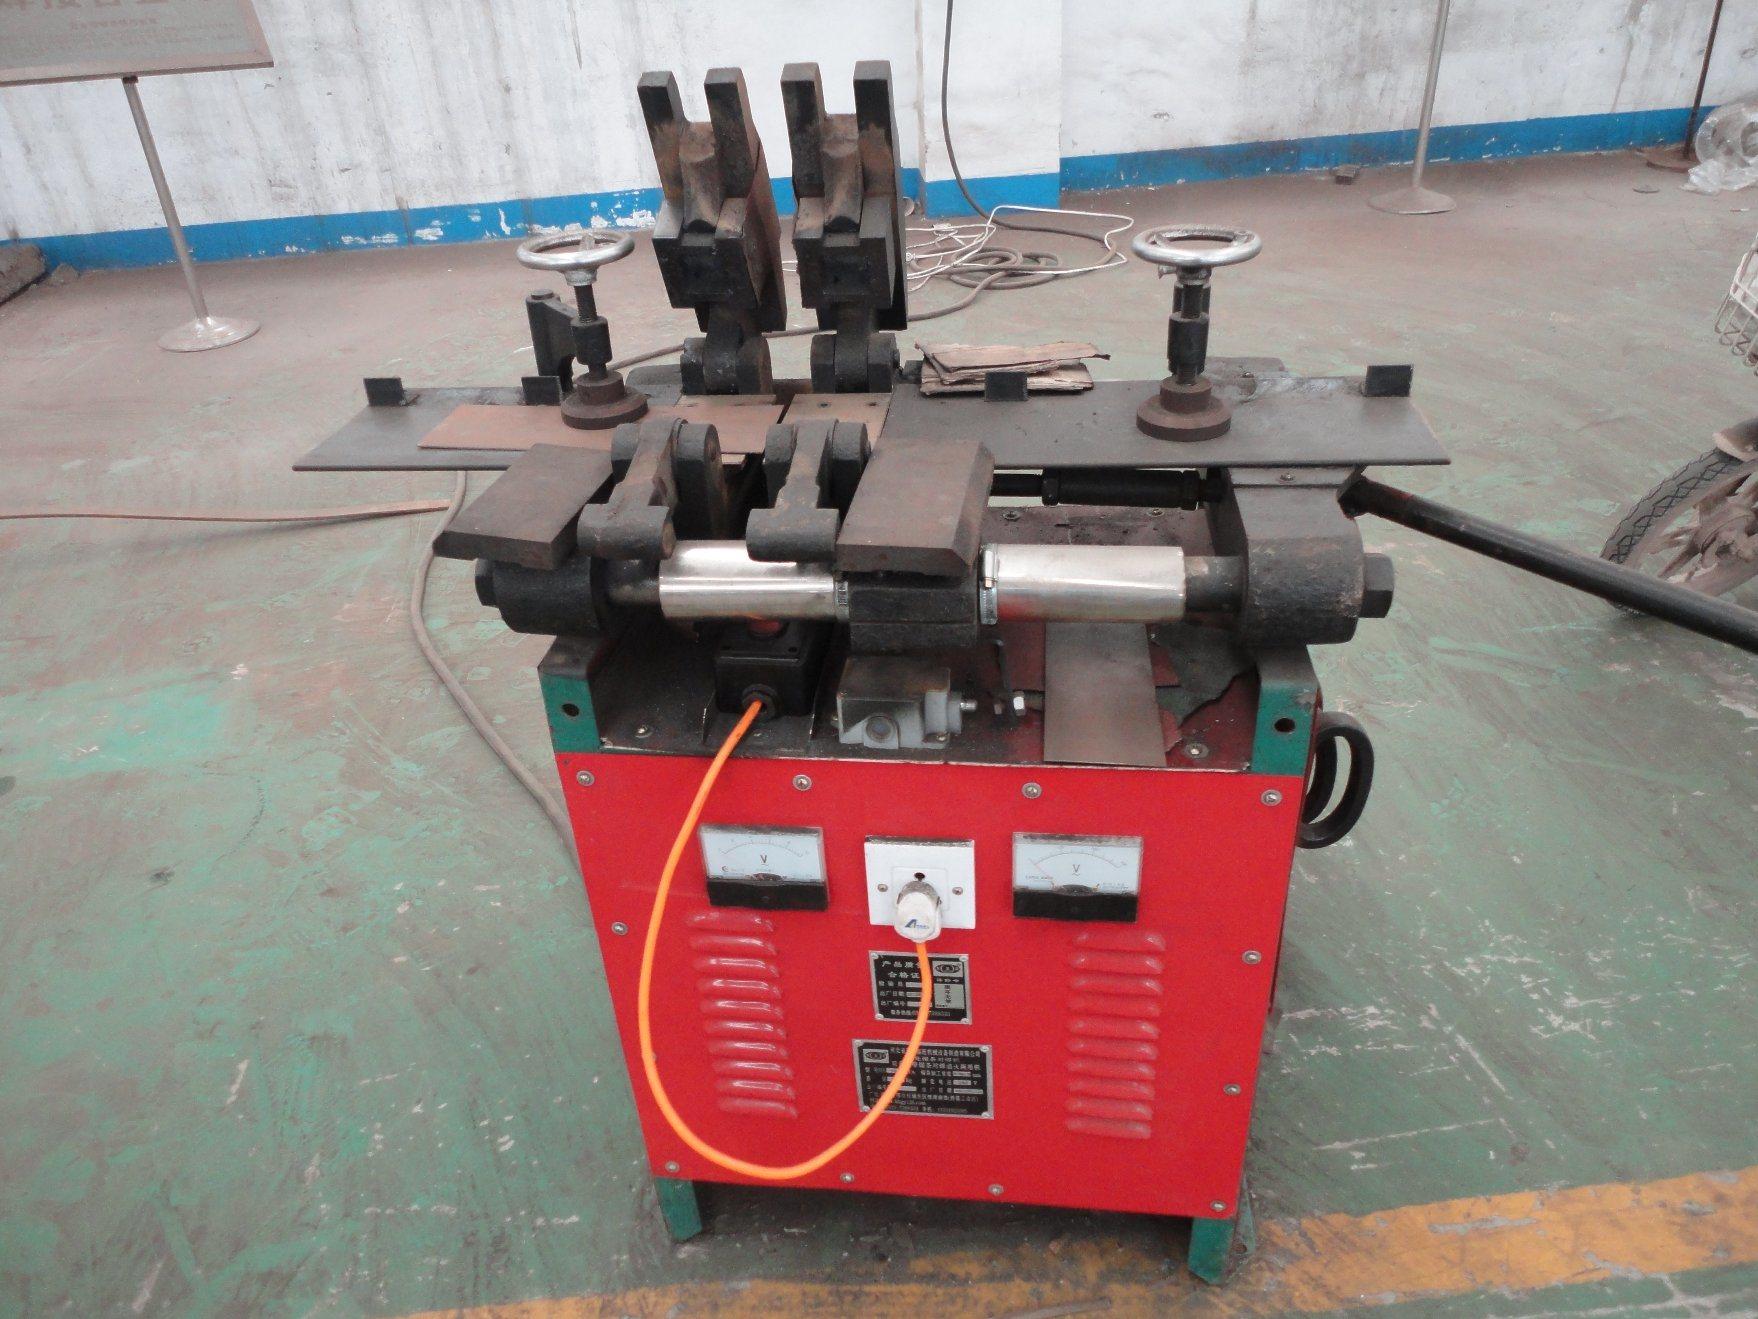 Un100-150 Electric Delta Saw Blades Welding Machine